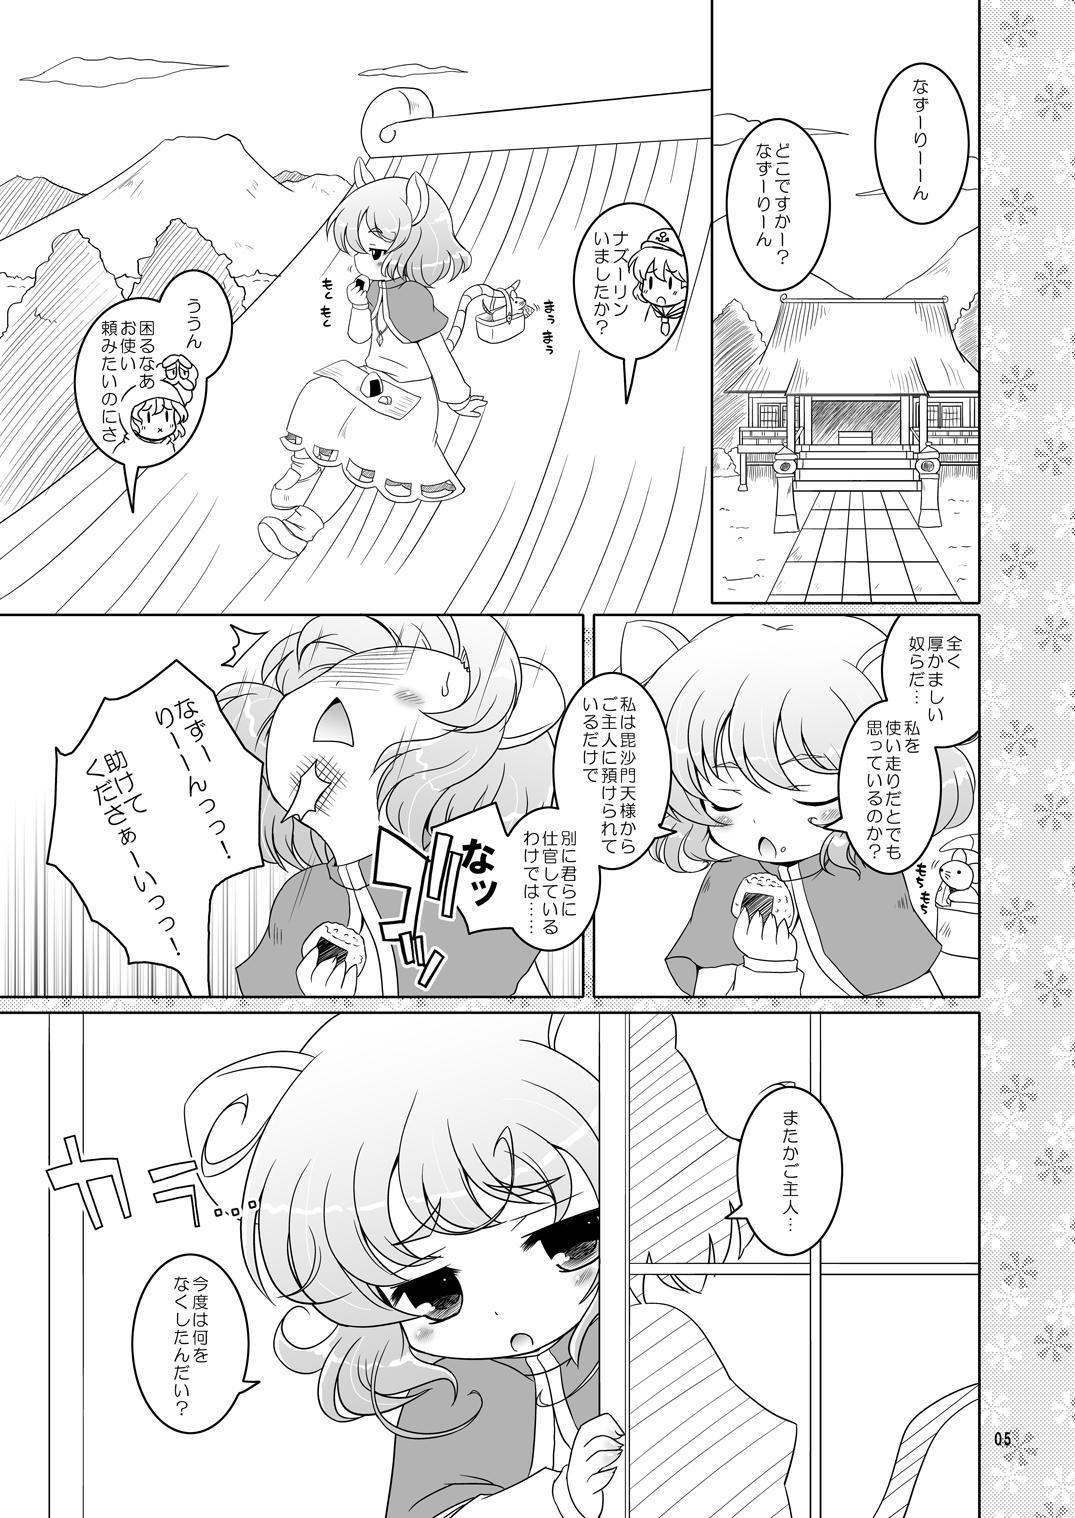 Watashi no Nazrin 3